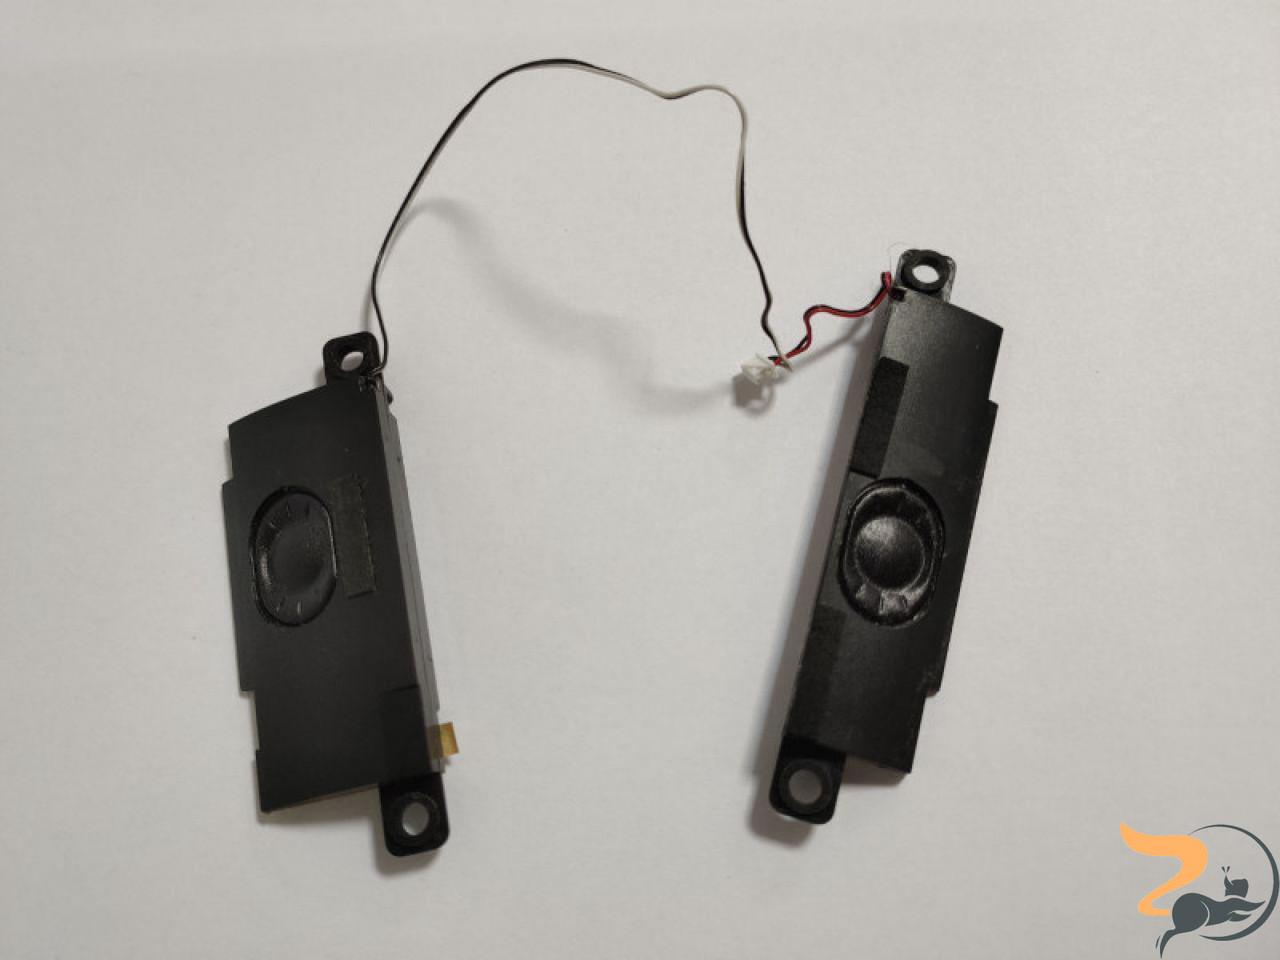 Динаміки для ноутбука, Asus U35J, Б/В. В хорошому стані без пошкоджень.